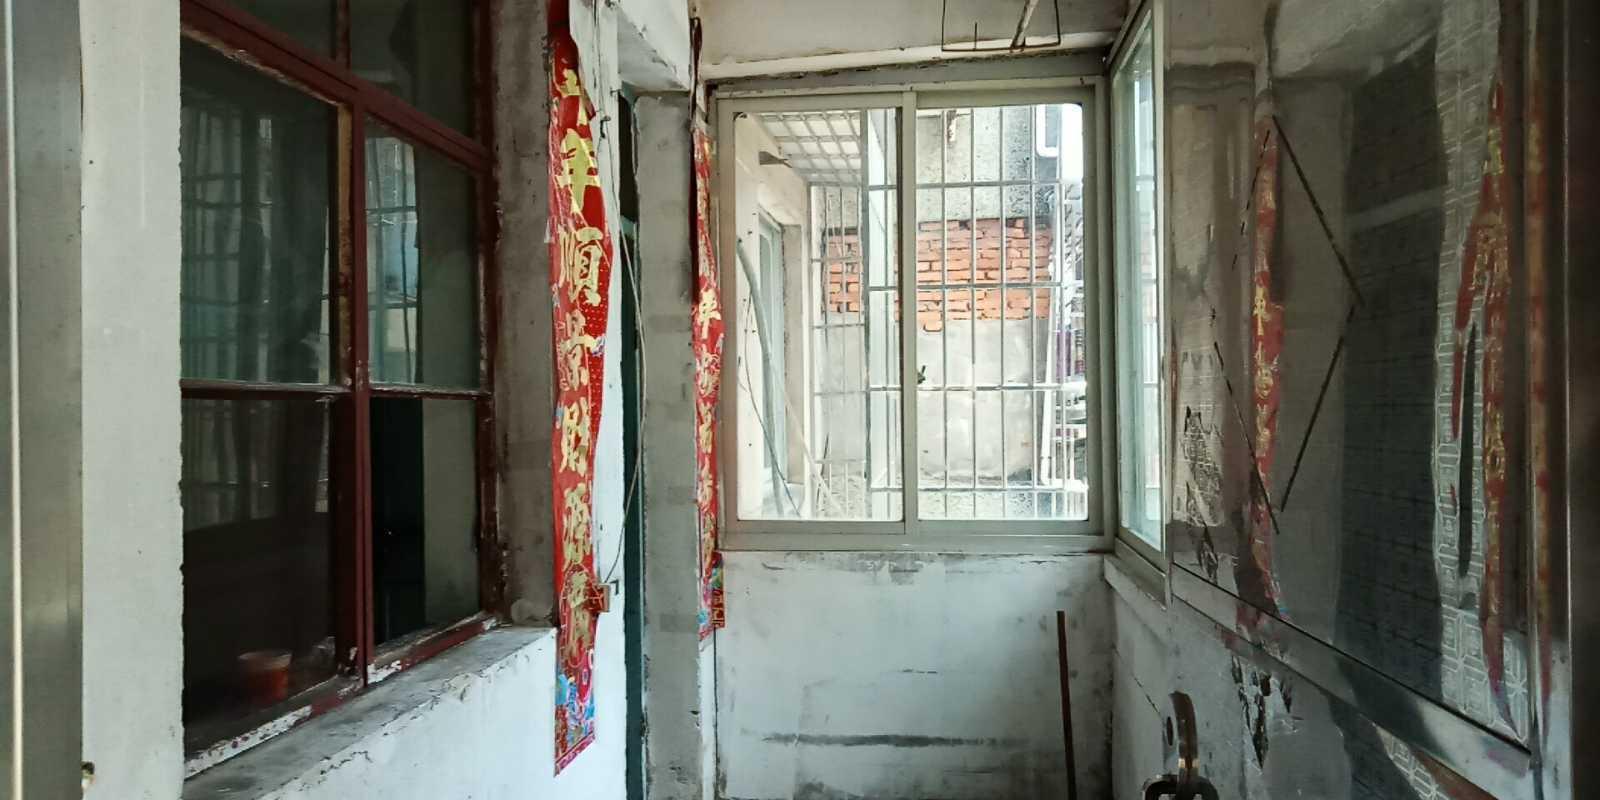 06104急售!北门新村2楼 到横路还有200米,面积66.7平方米,3室1厅的实拍照片